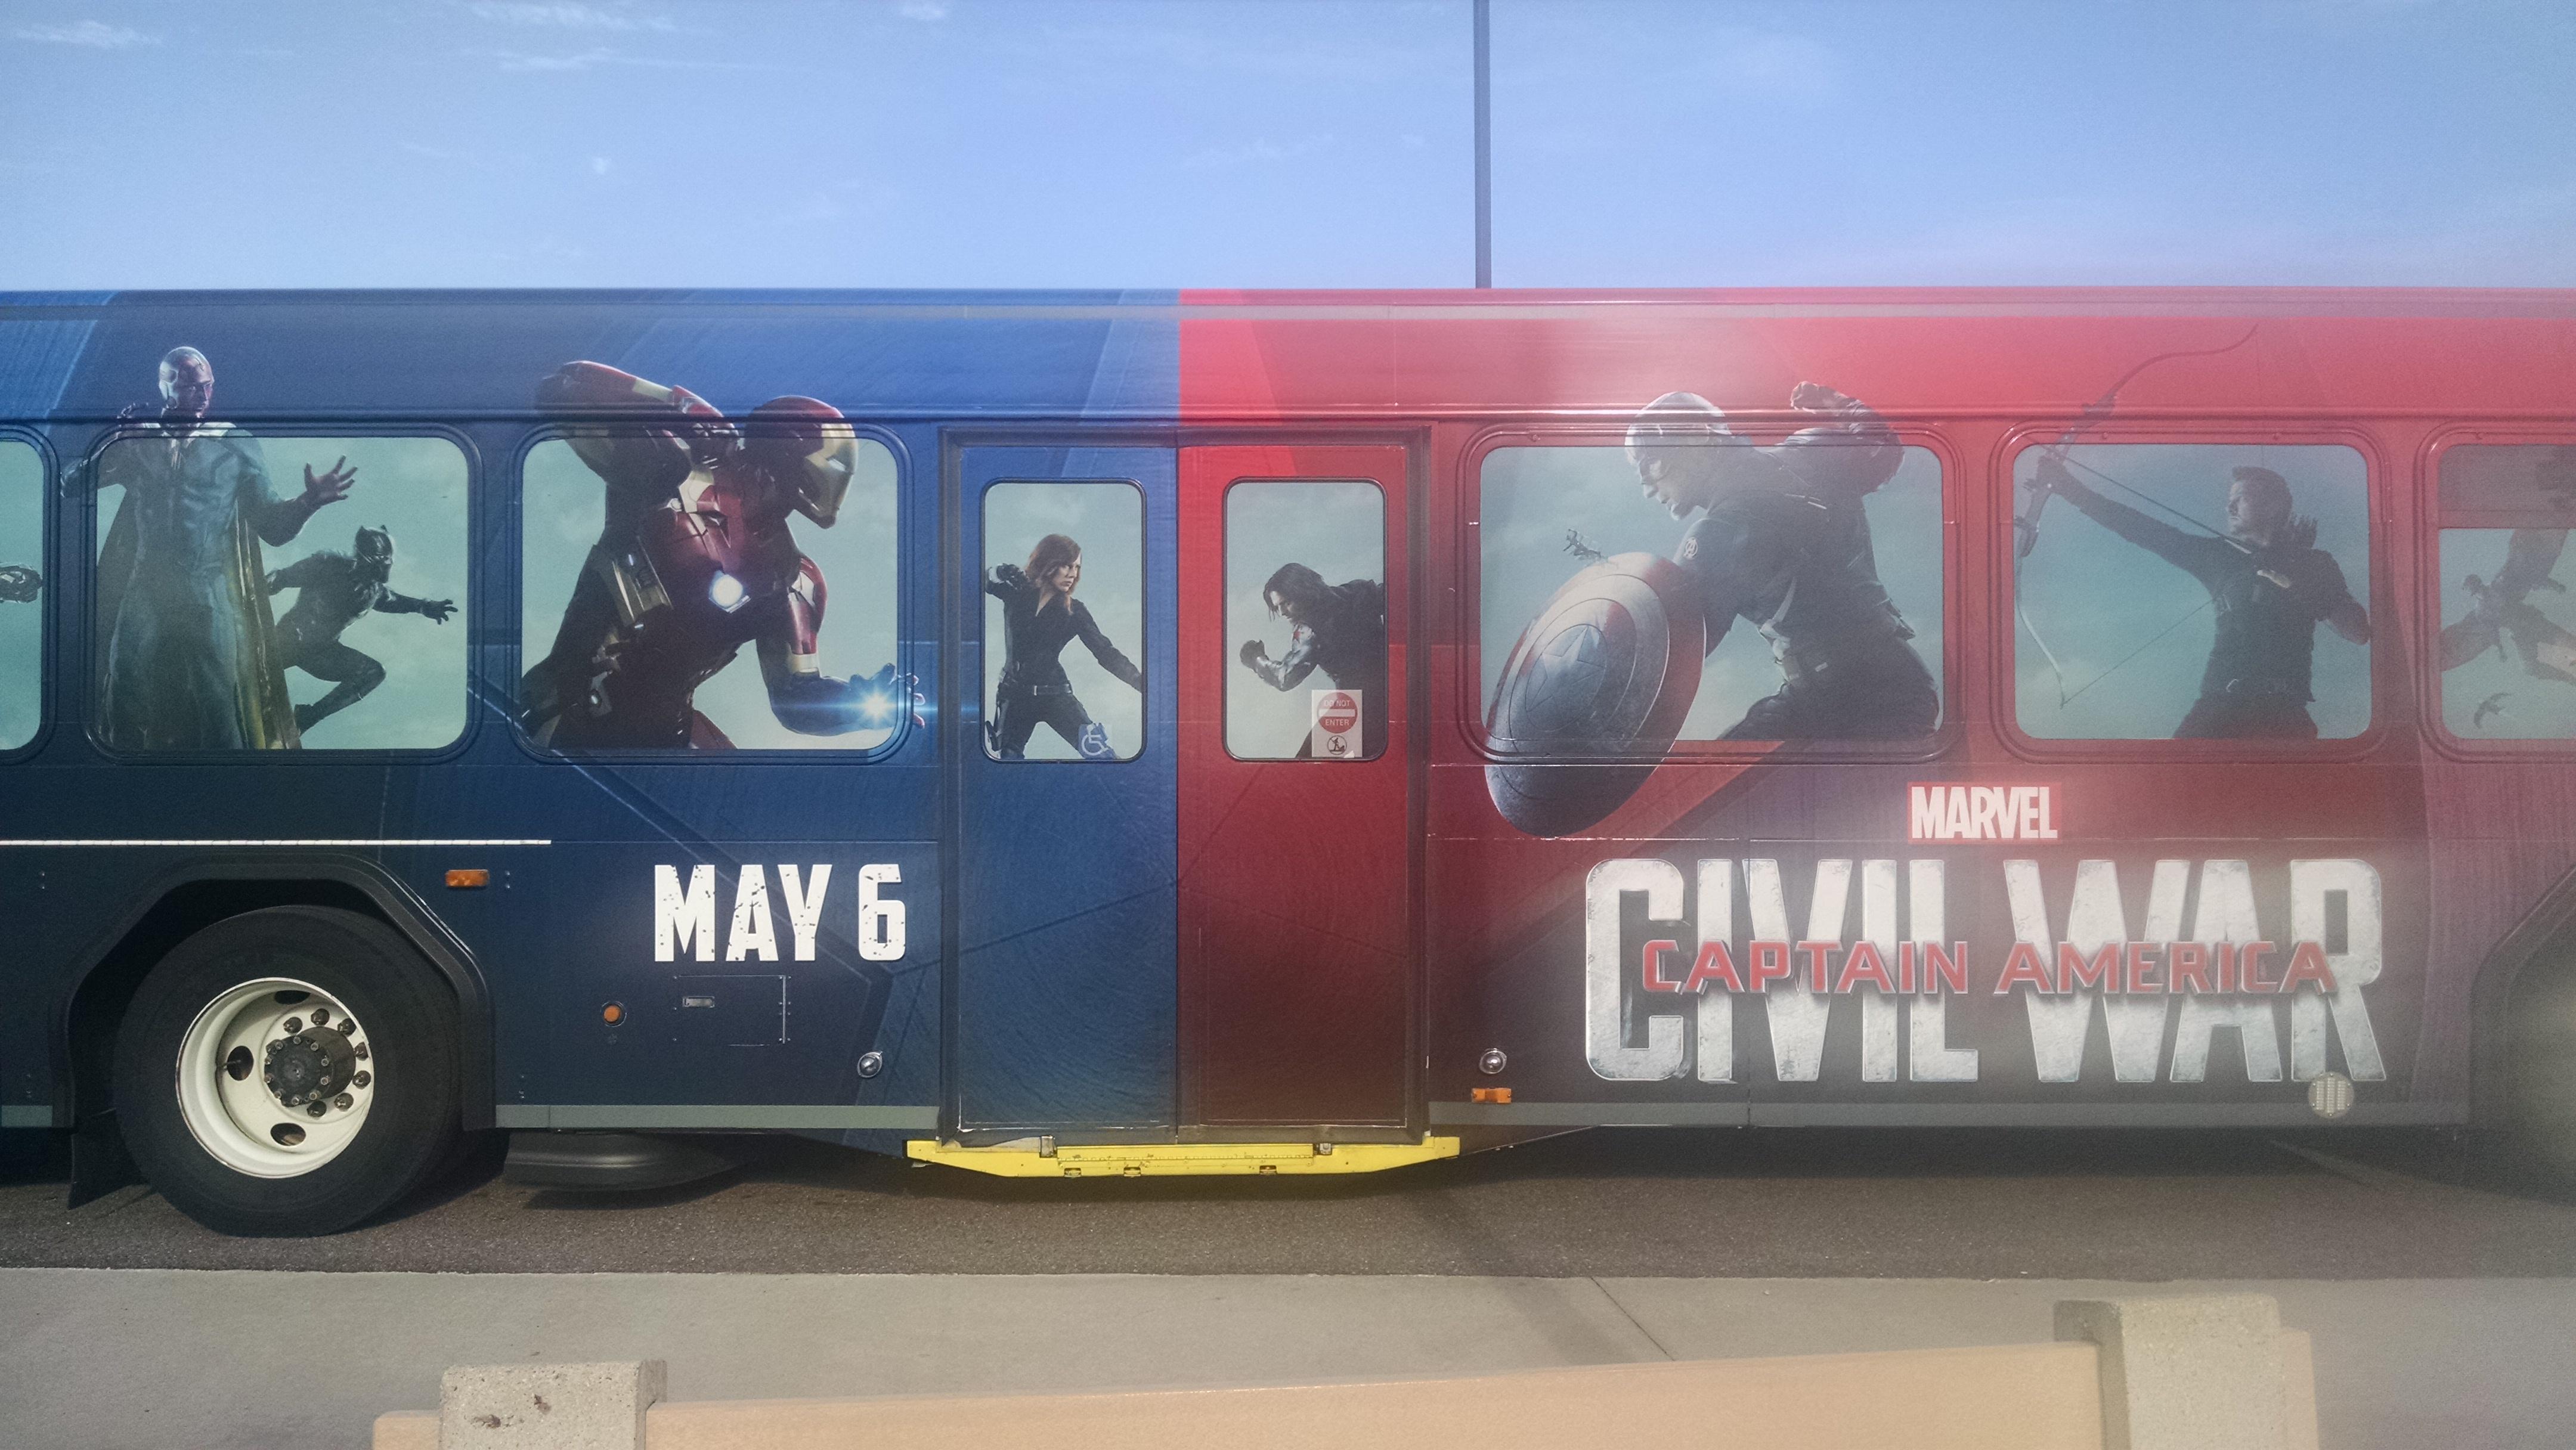 File:Captain America Civil War Bus at DHS (27127568594) jpg